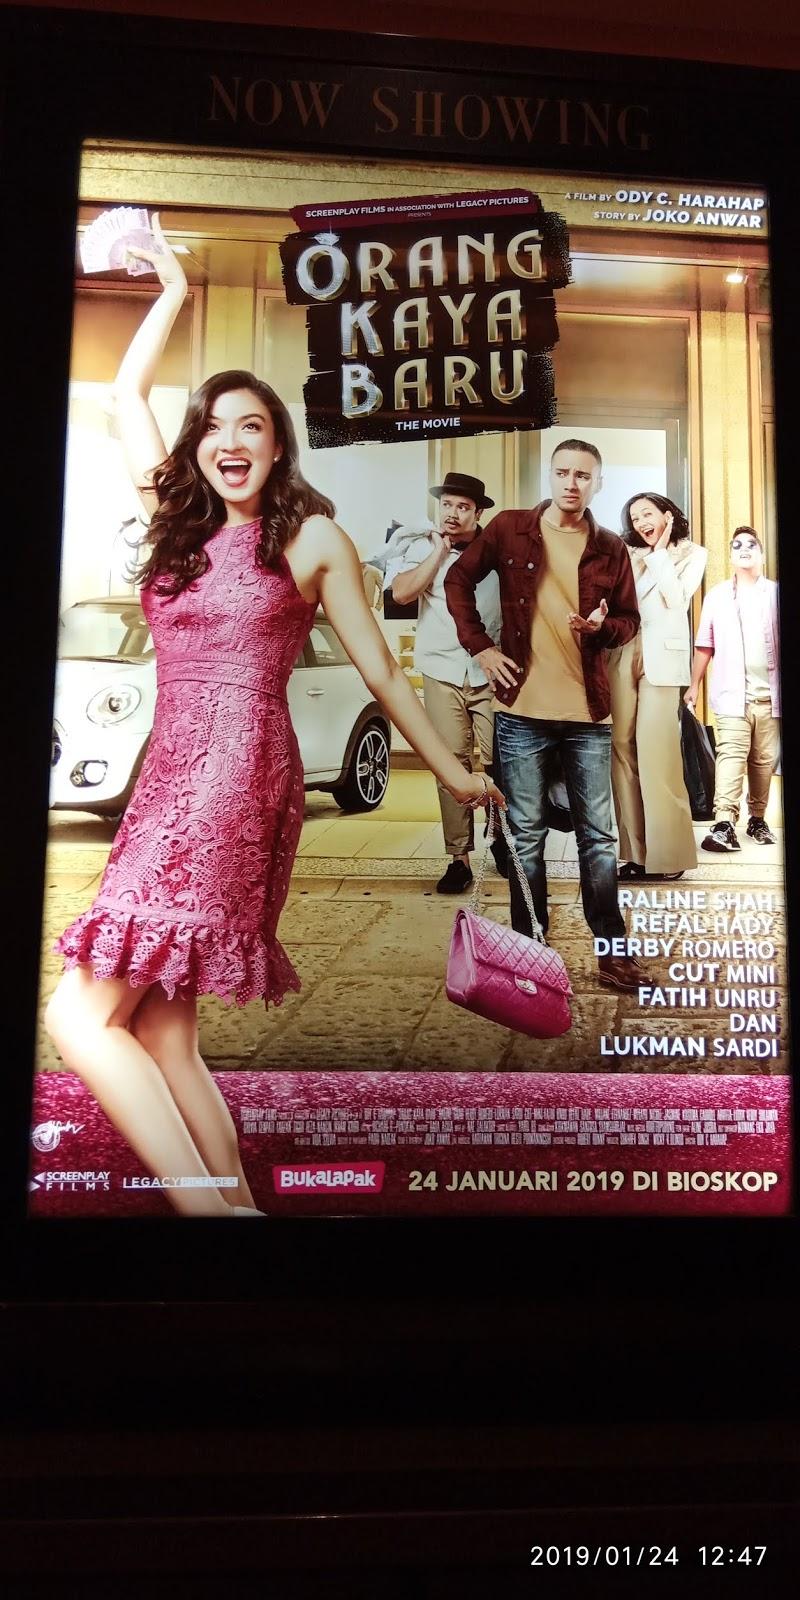 Nonton Orang Kaya Baru Full Movie : nonton, orang, movie, Komedi, Orang, Kocak, Habis